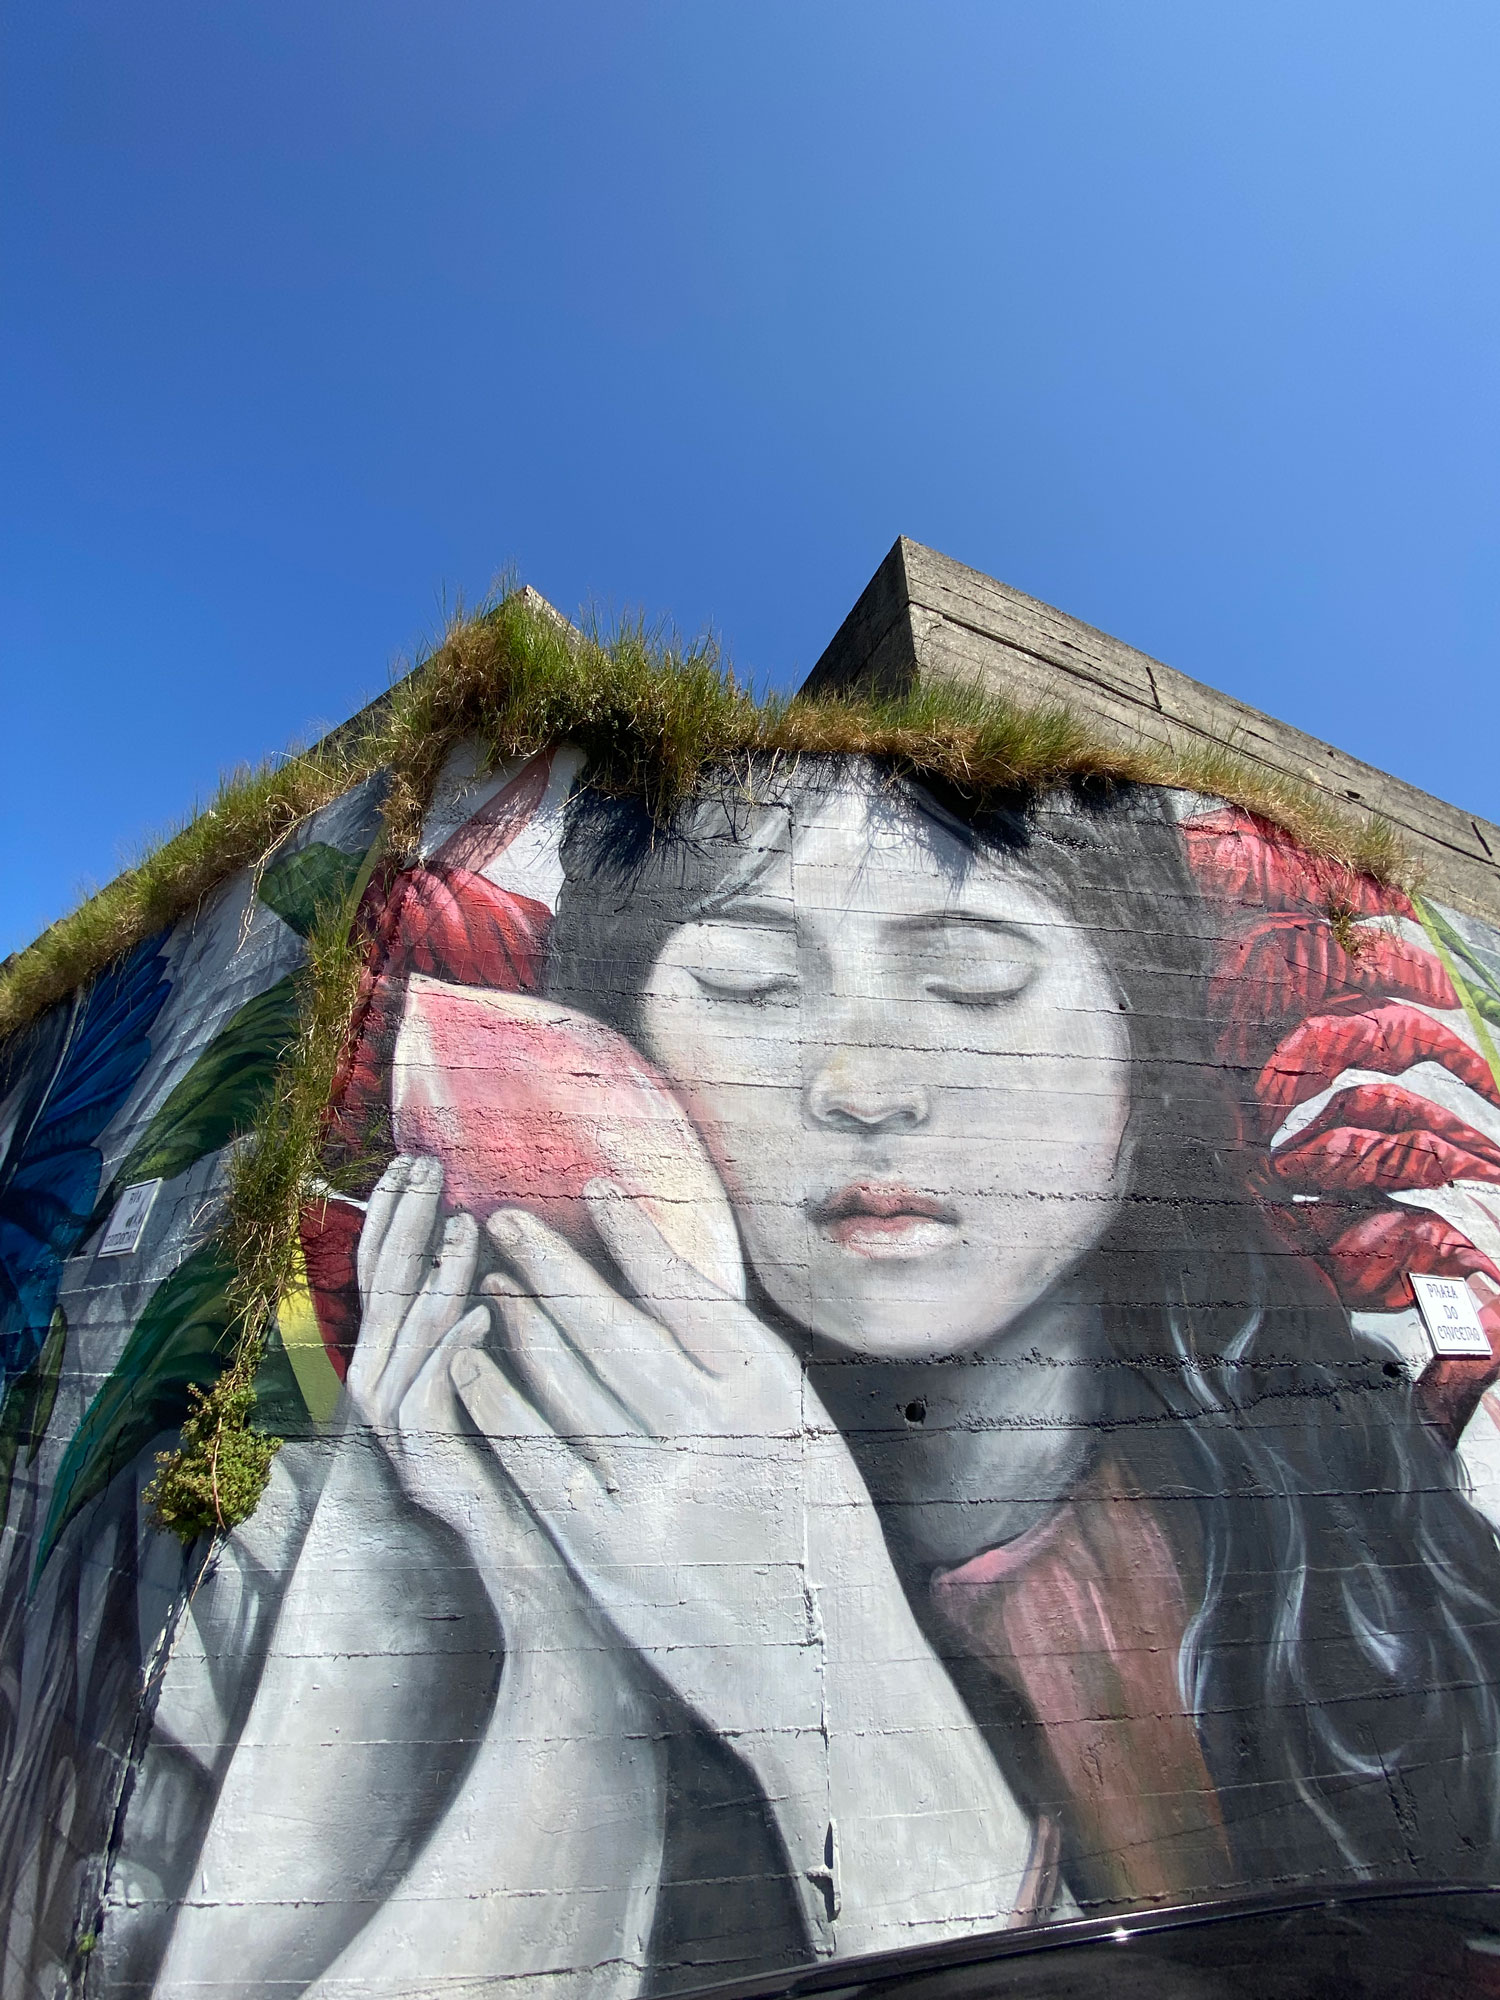 Arte urbano Lula Goce Galicia